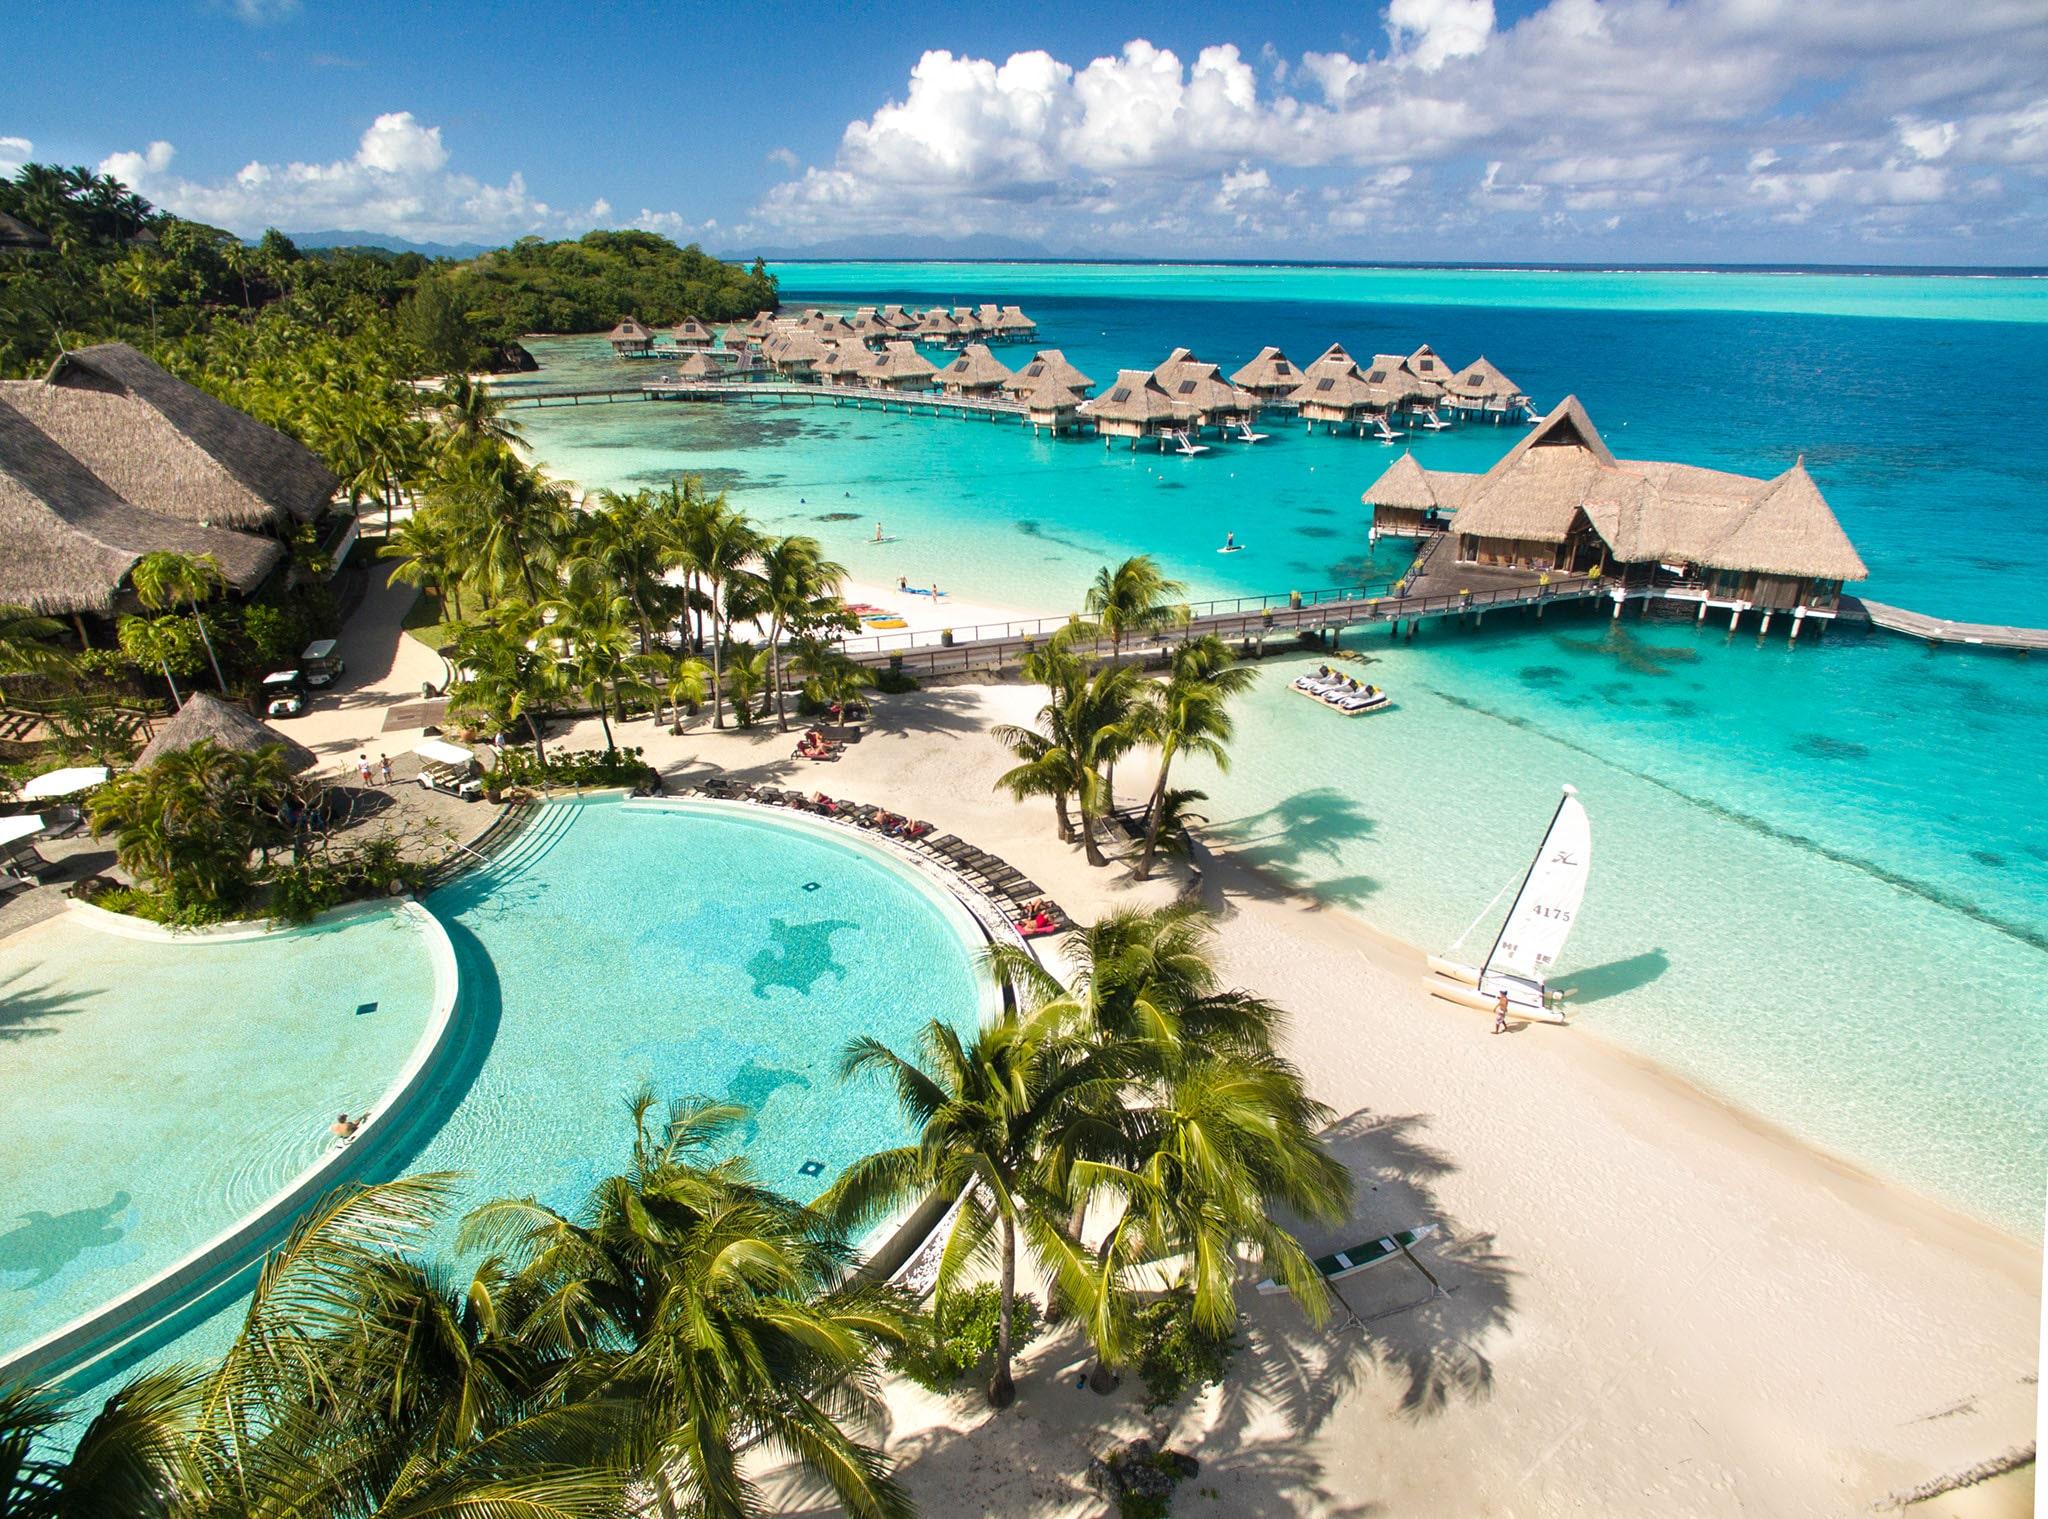 https://tahititourisme.com/wp-content/uploads/2020/12/BOB-Conrad-Bora-Nui-Aerial-view-15-1.jpg